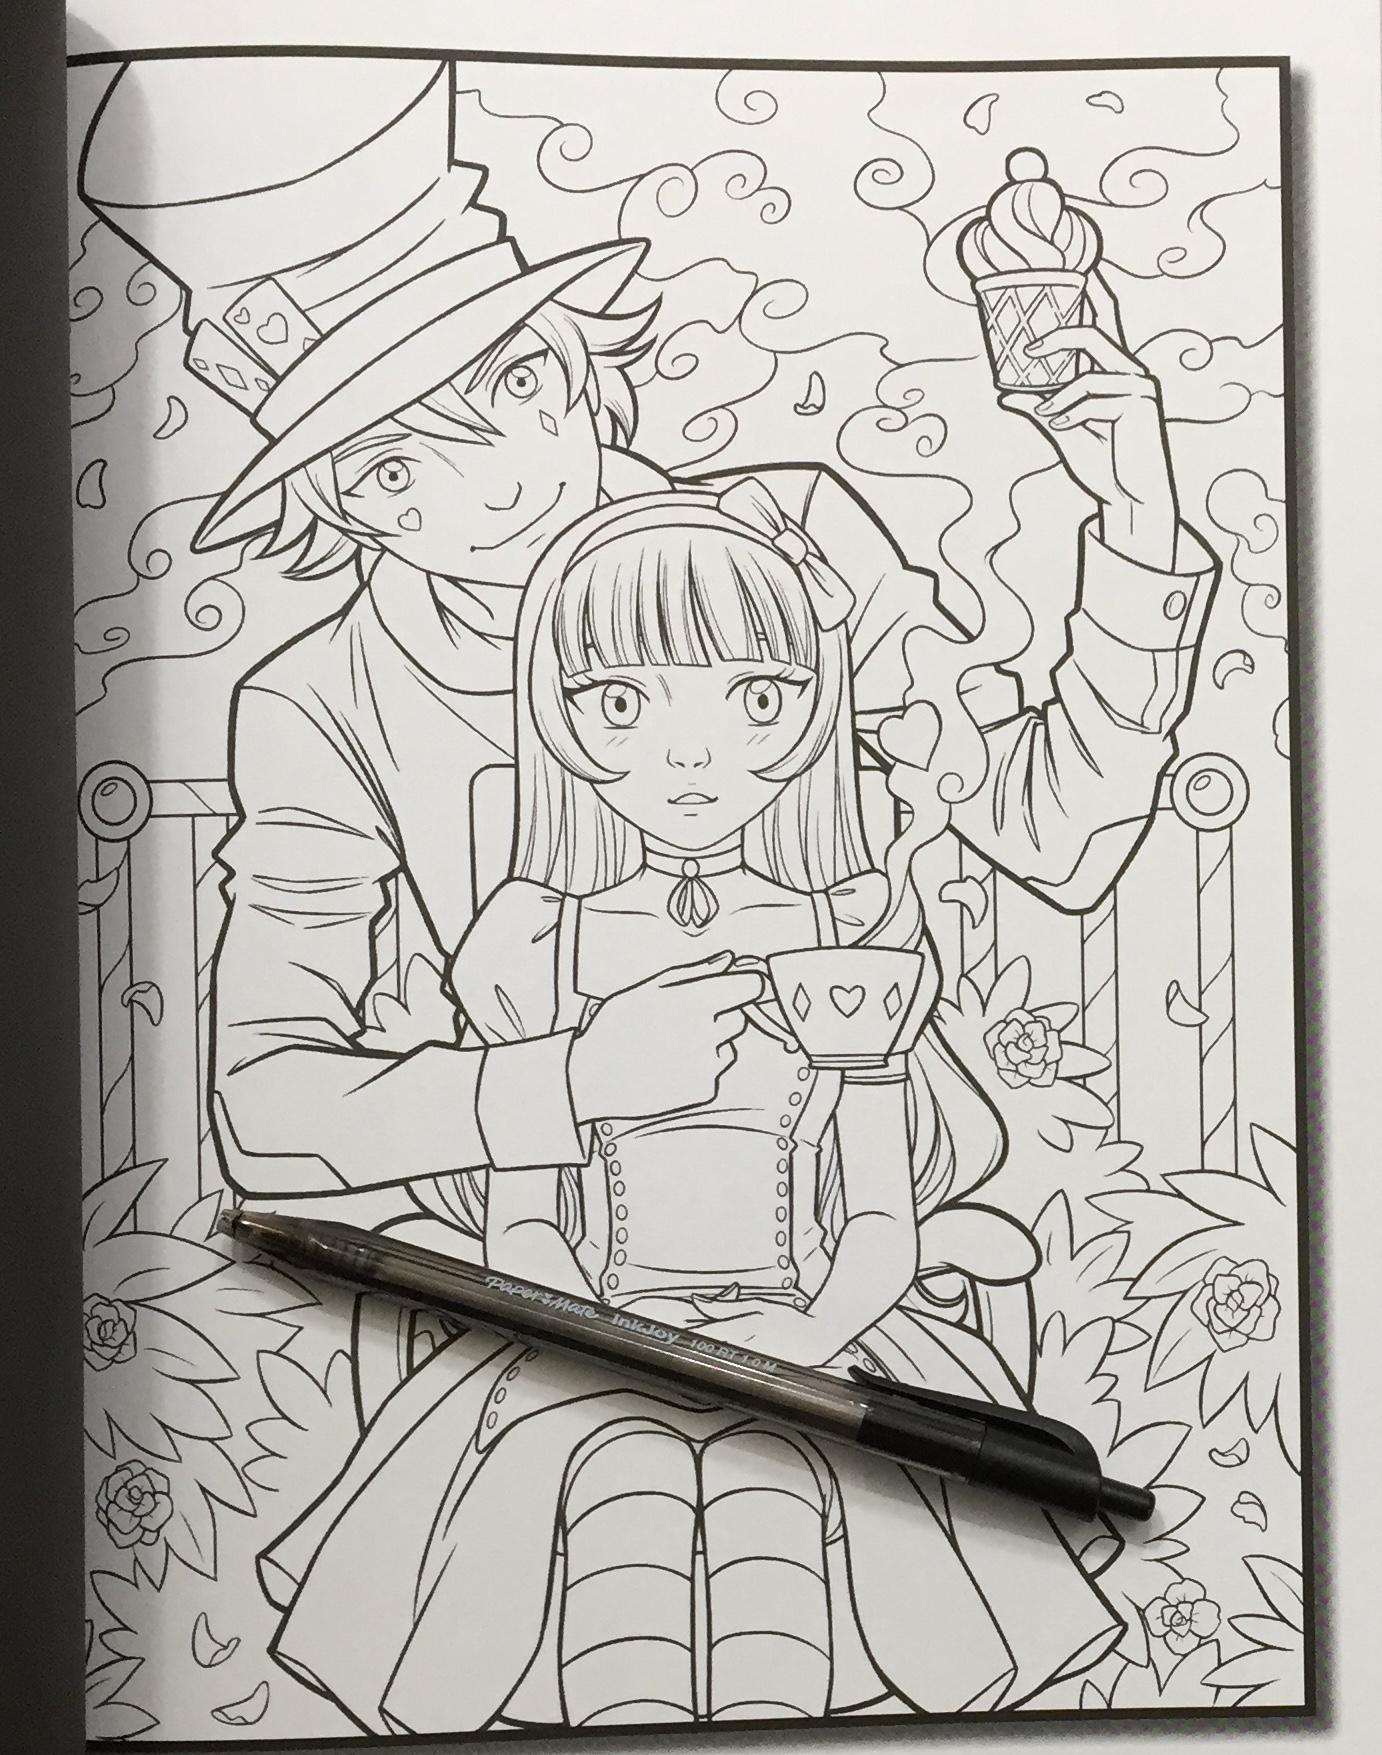 Second Alice In Wonderland By Jade Summer Printed One Side Of Page Iiiireader Book Reviews